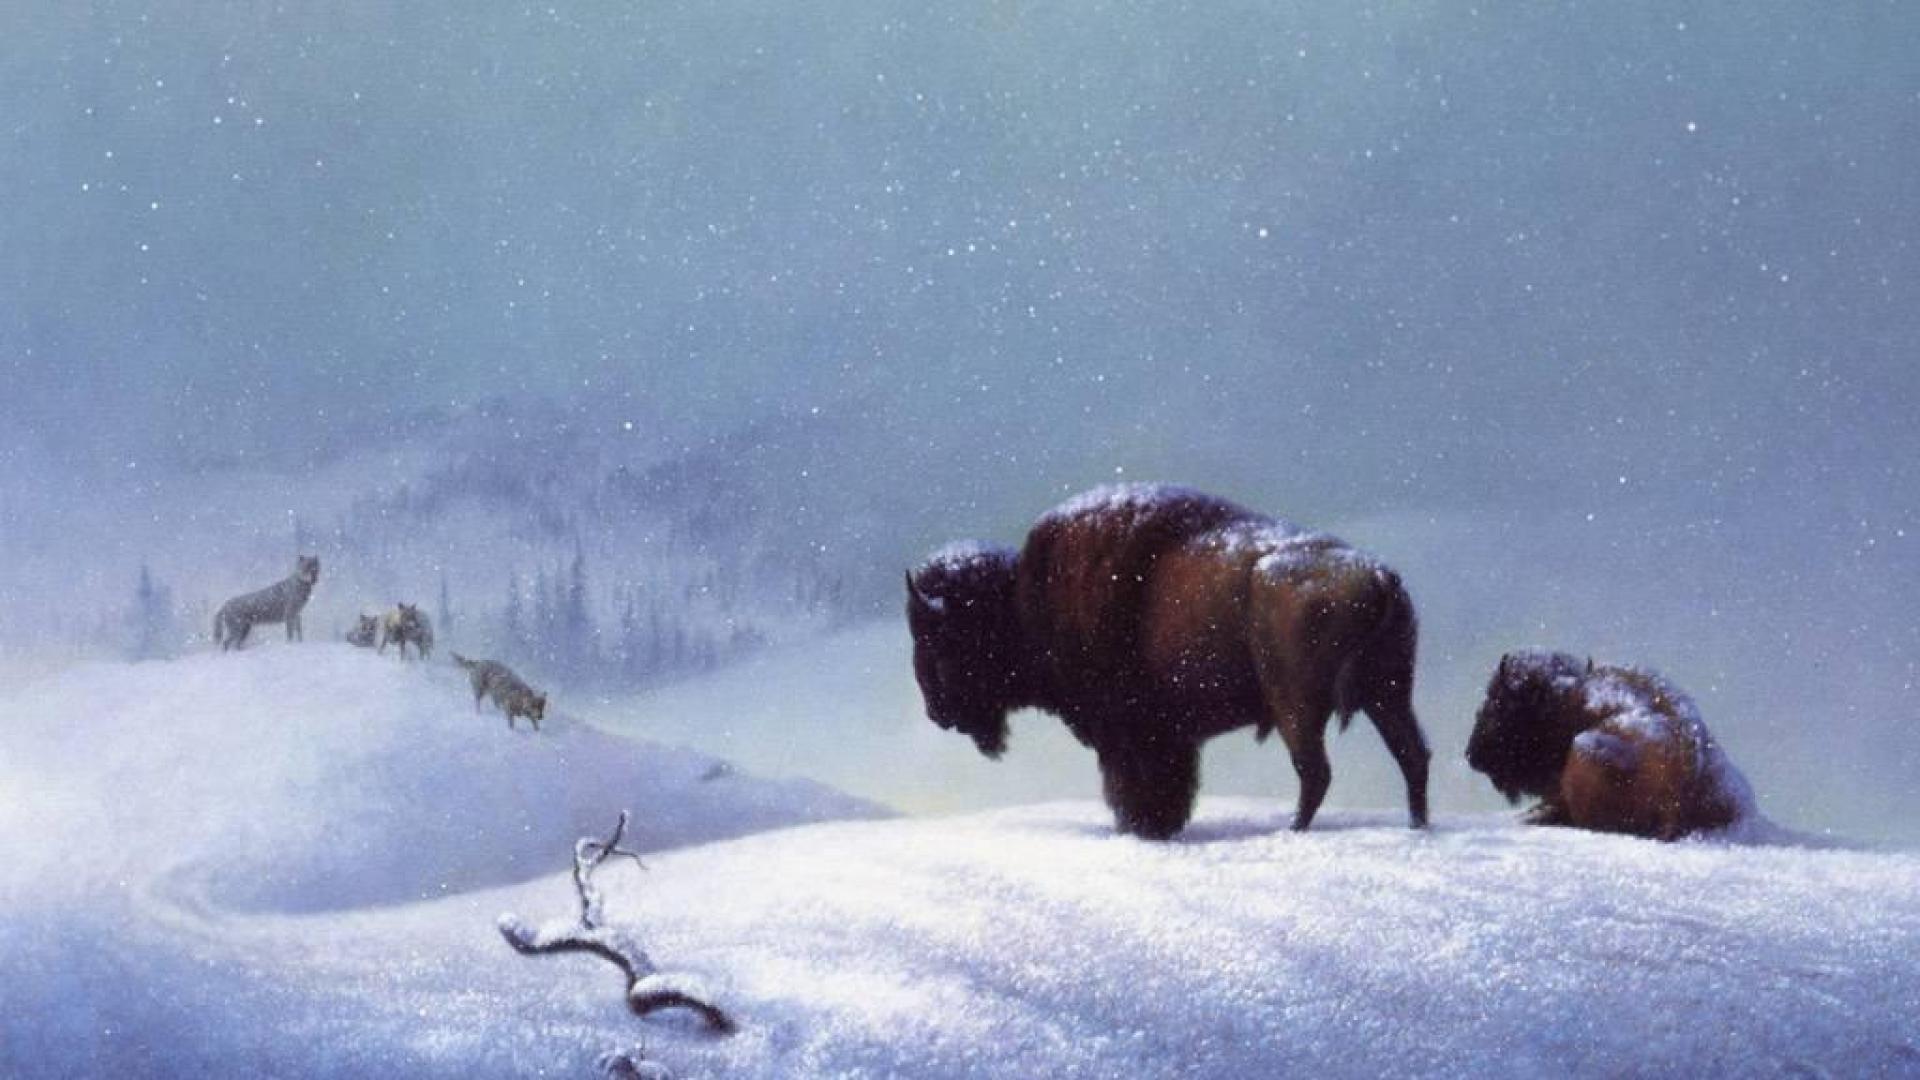 Bison Winter Landscape